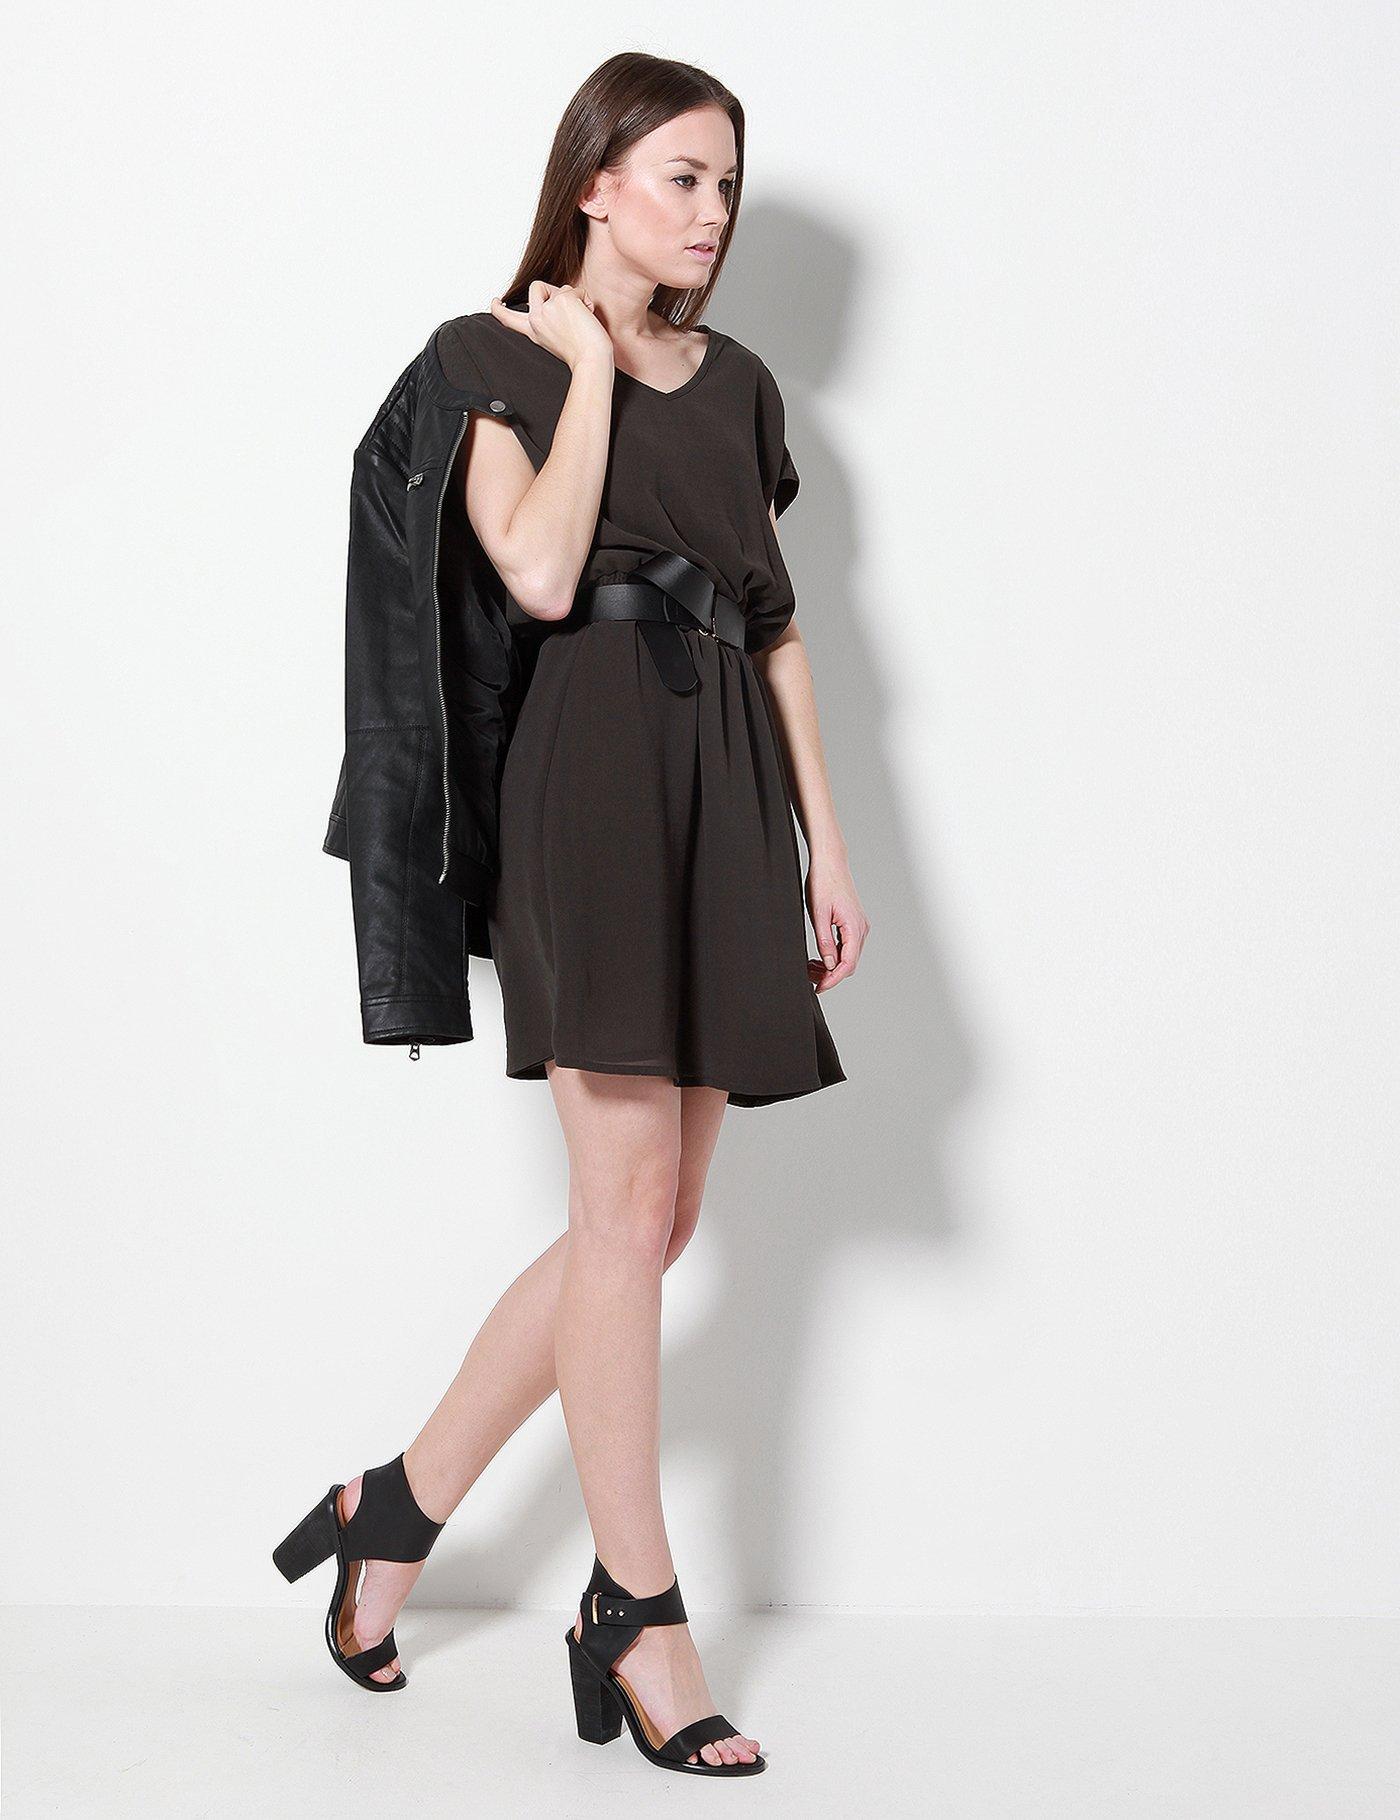 Letnia sukienka za 23zł (100zł taniej) @ Diverse